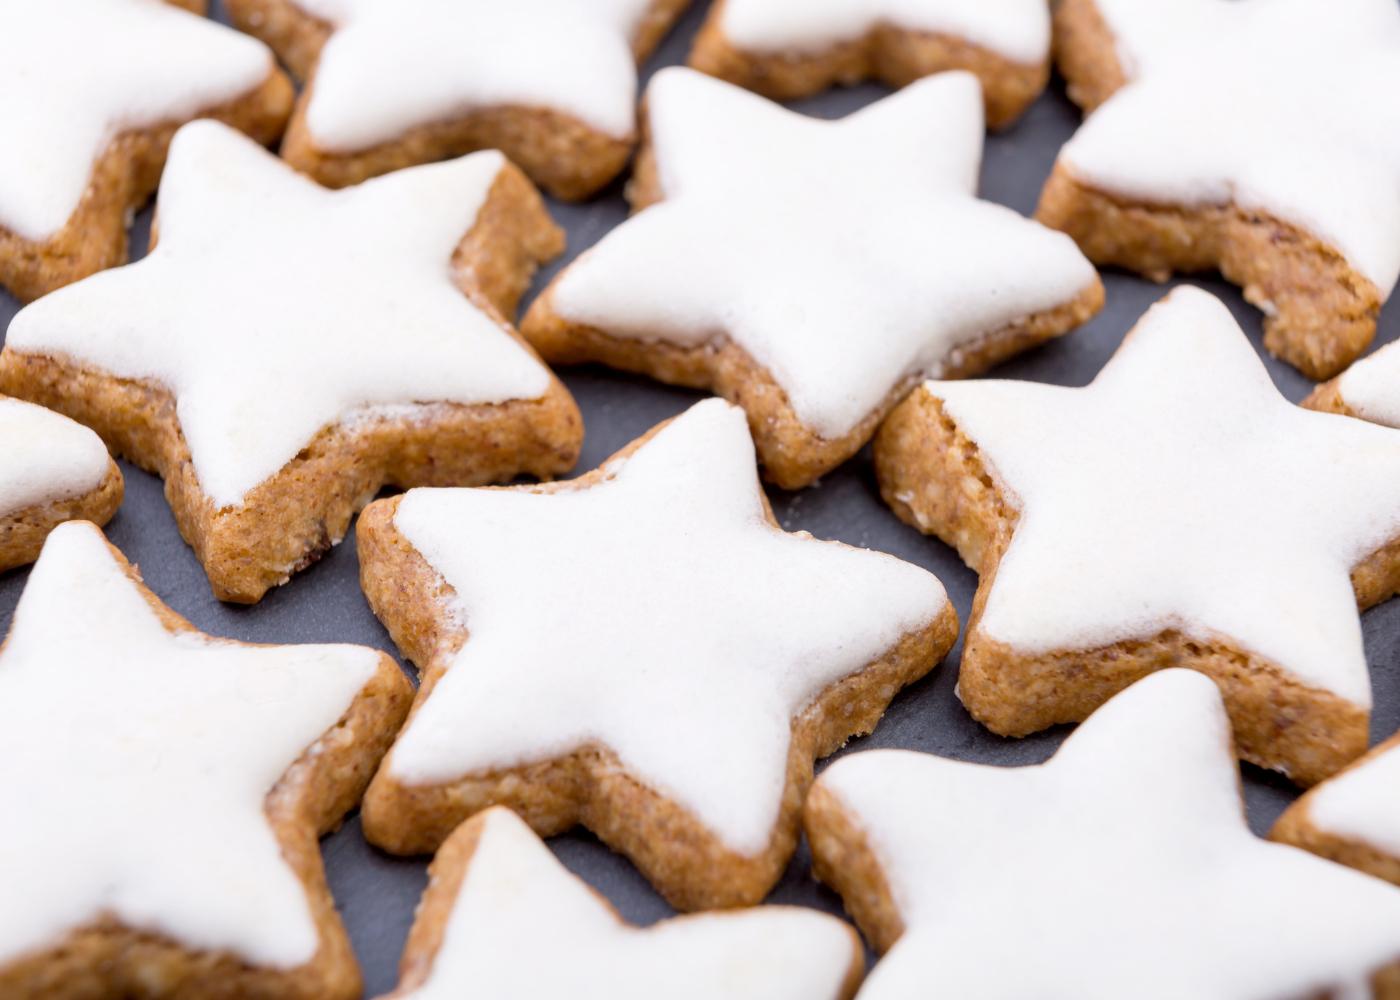 bolachas de manteiga de natal com açúcar glacé em formato estrela